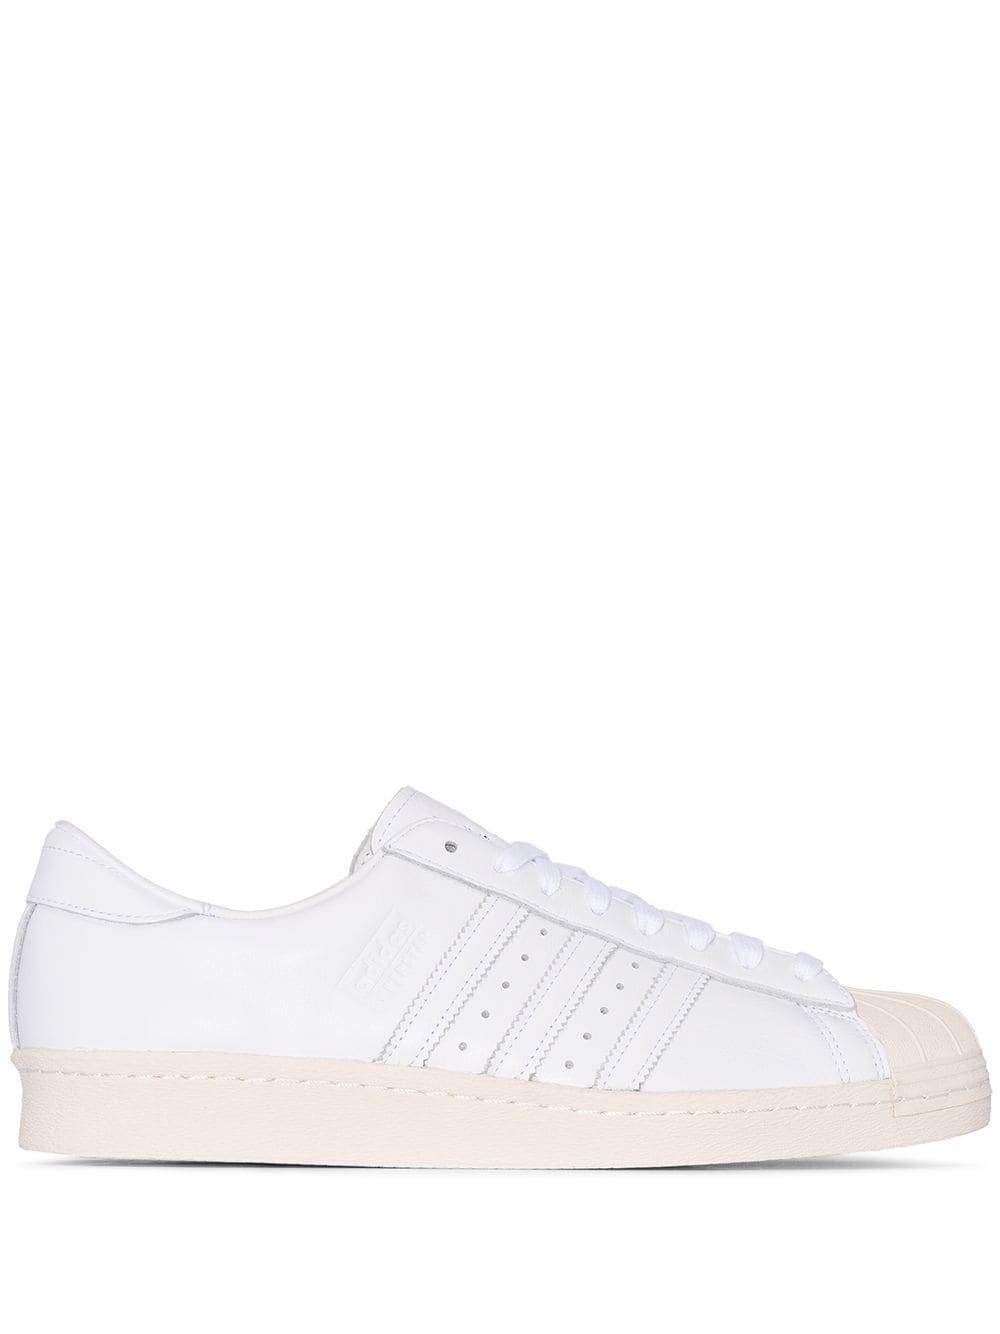 adidas Damen Superstar 80s Hohe Sneaker